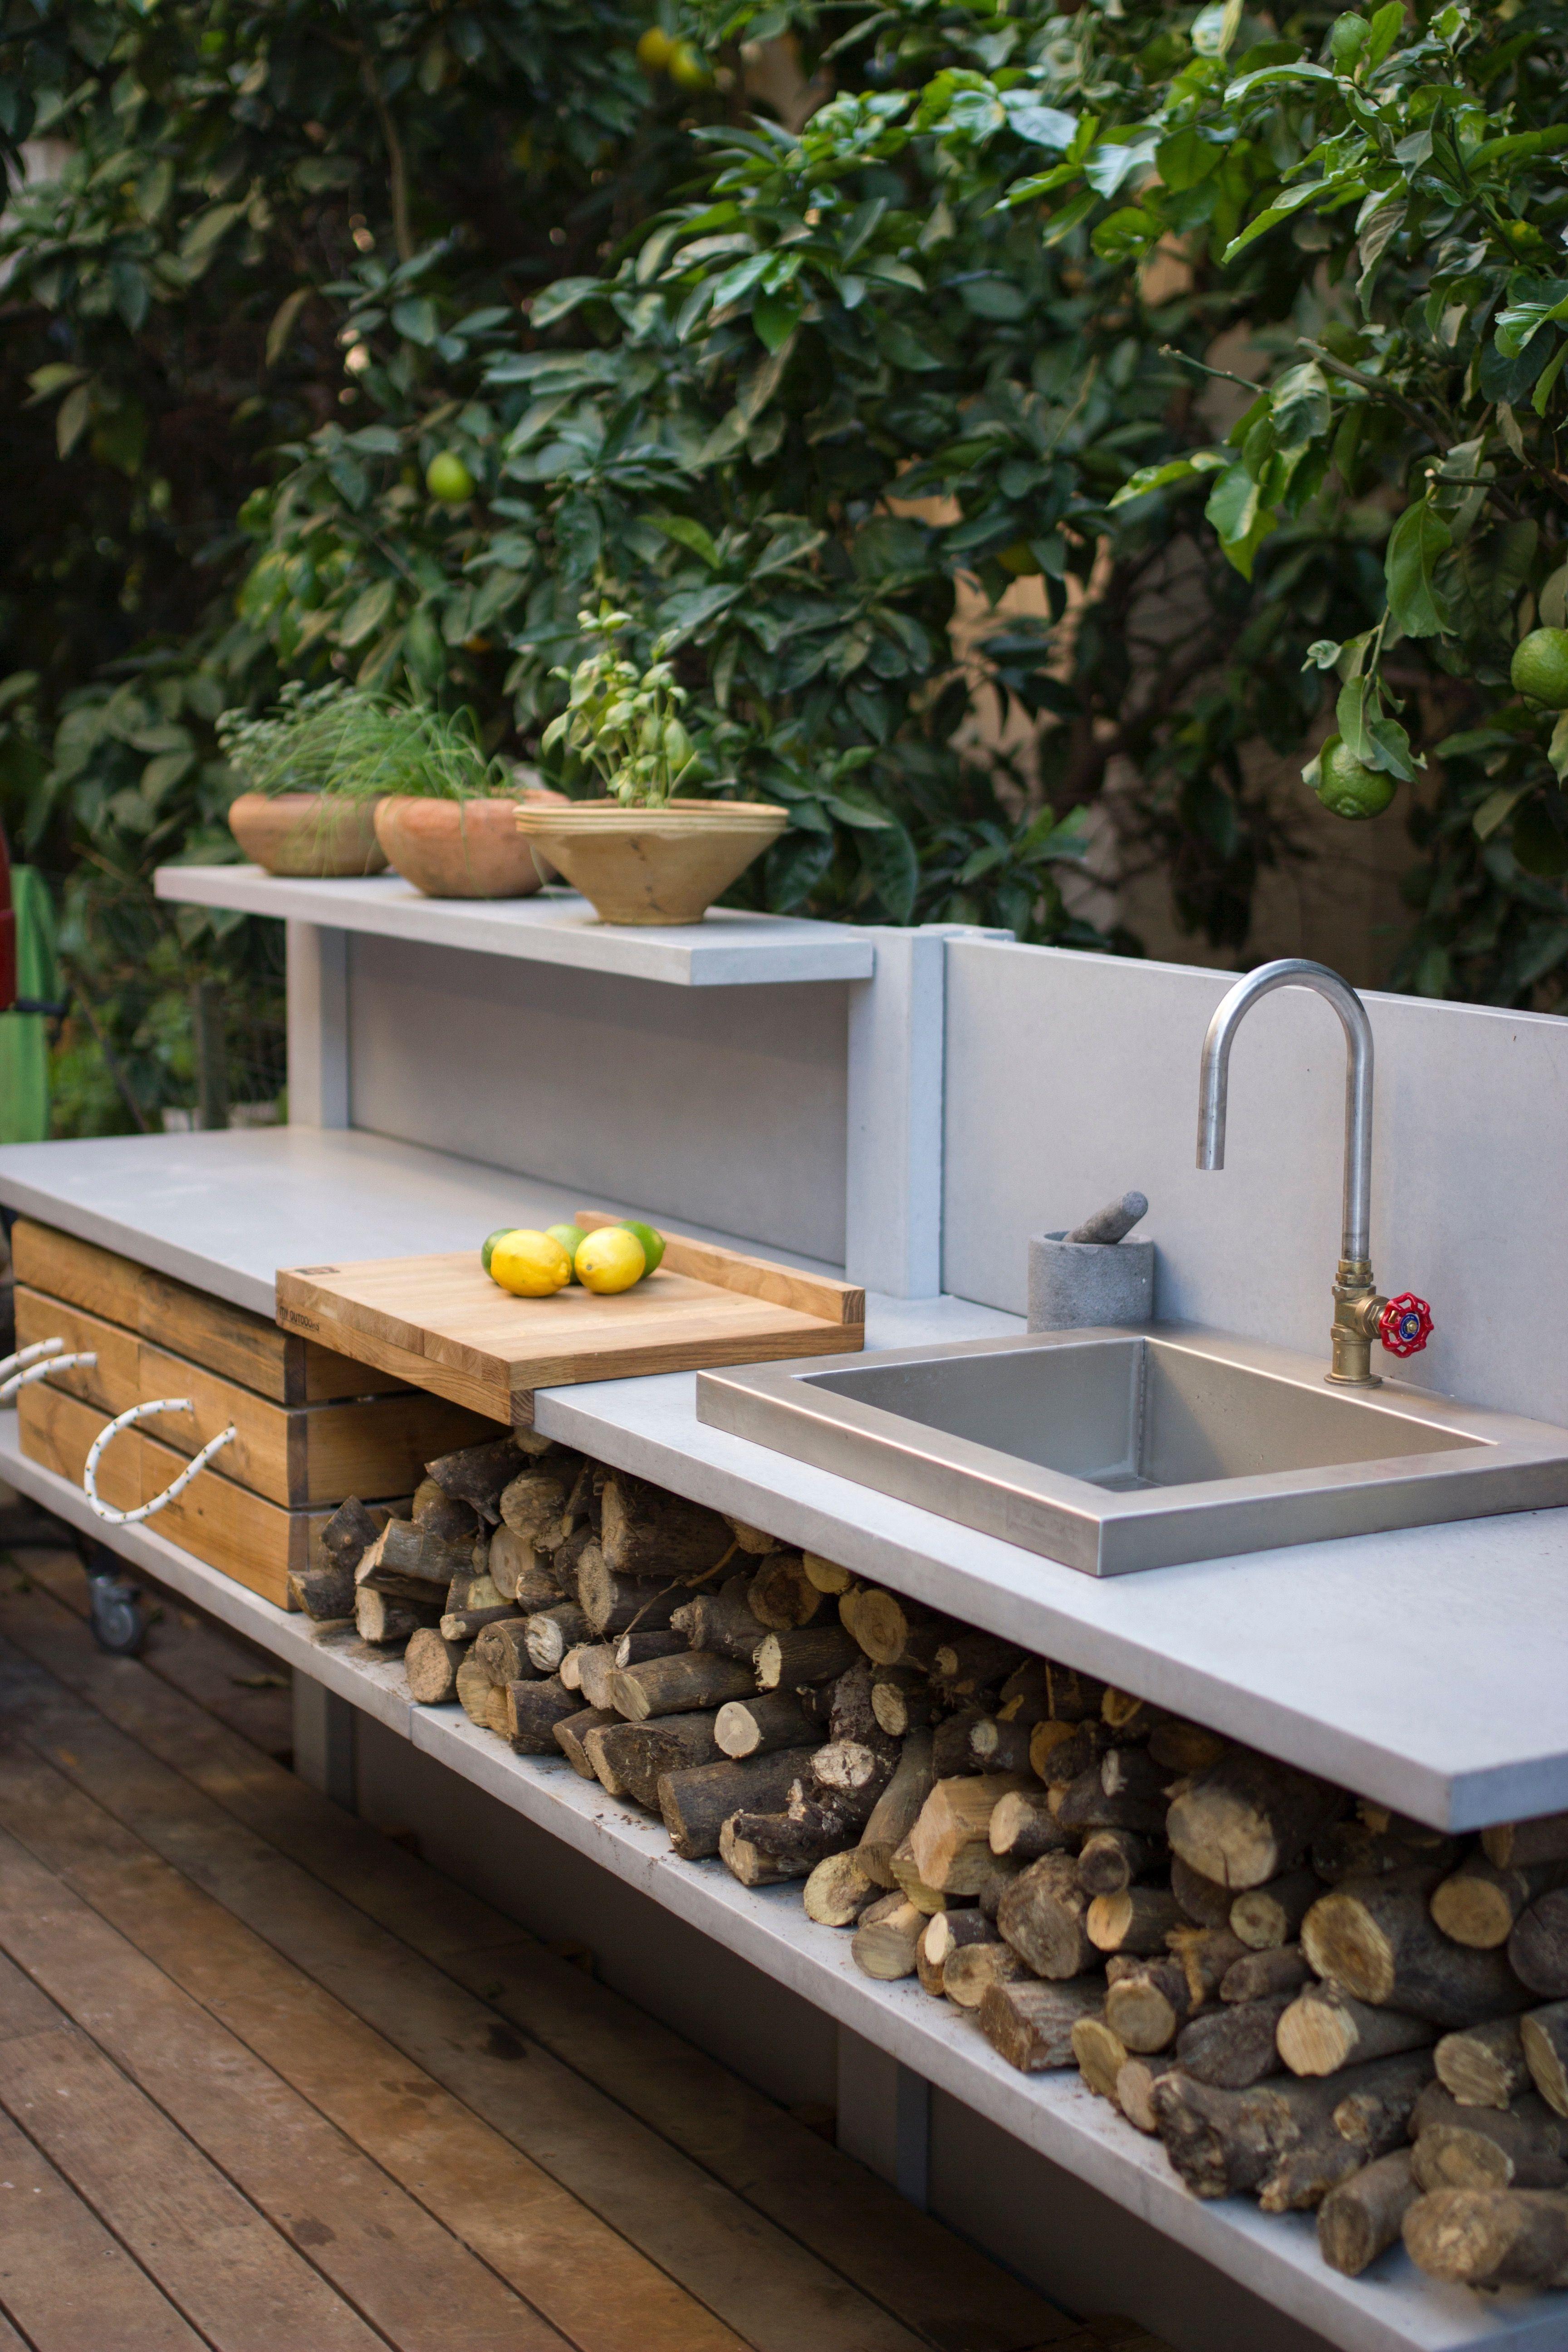 19 Best Ideas Outdoor Kitchen Designs Buitenkeuken Buitenkeukens Achtertuin Huis